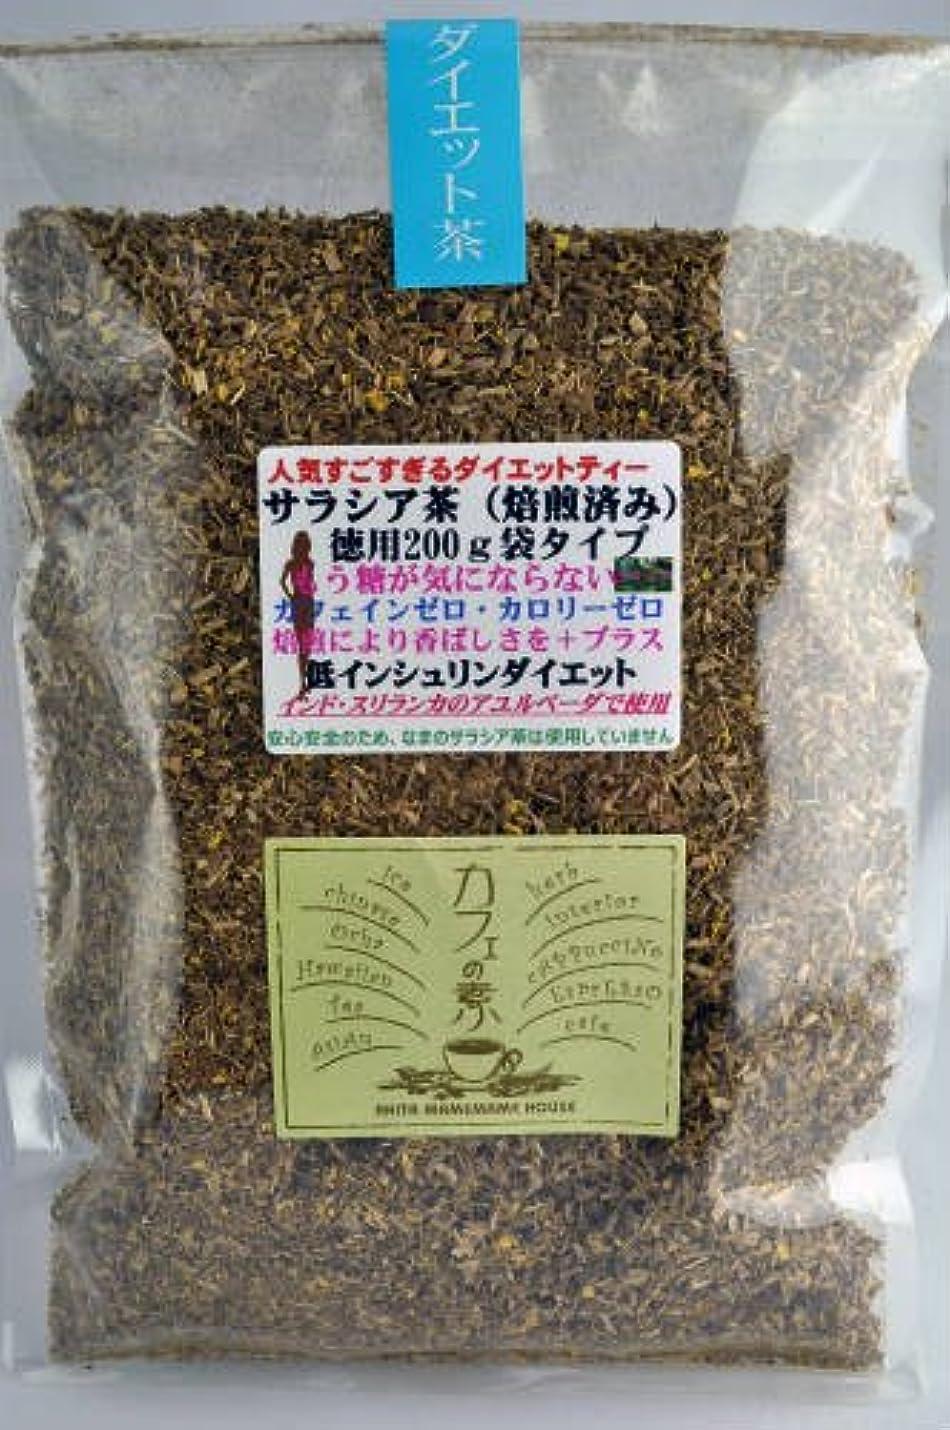 ターミナルナット国勢調査ダイエットサラシア茶(焙煎済み)200g入り【煮出しタイプ】